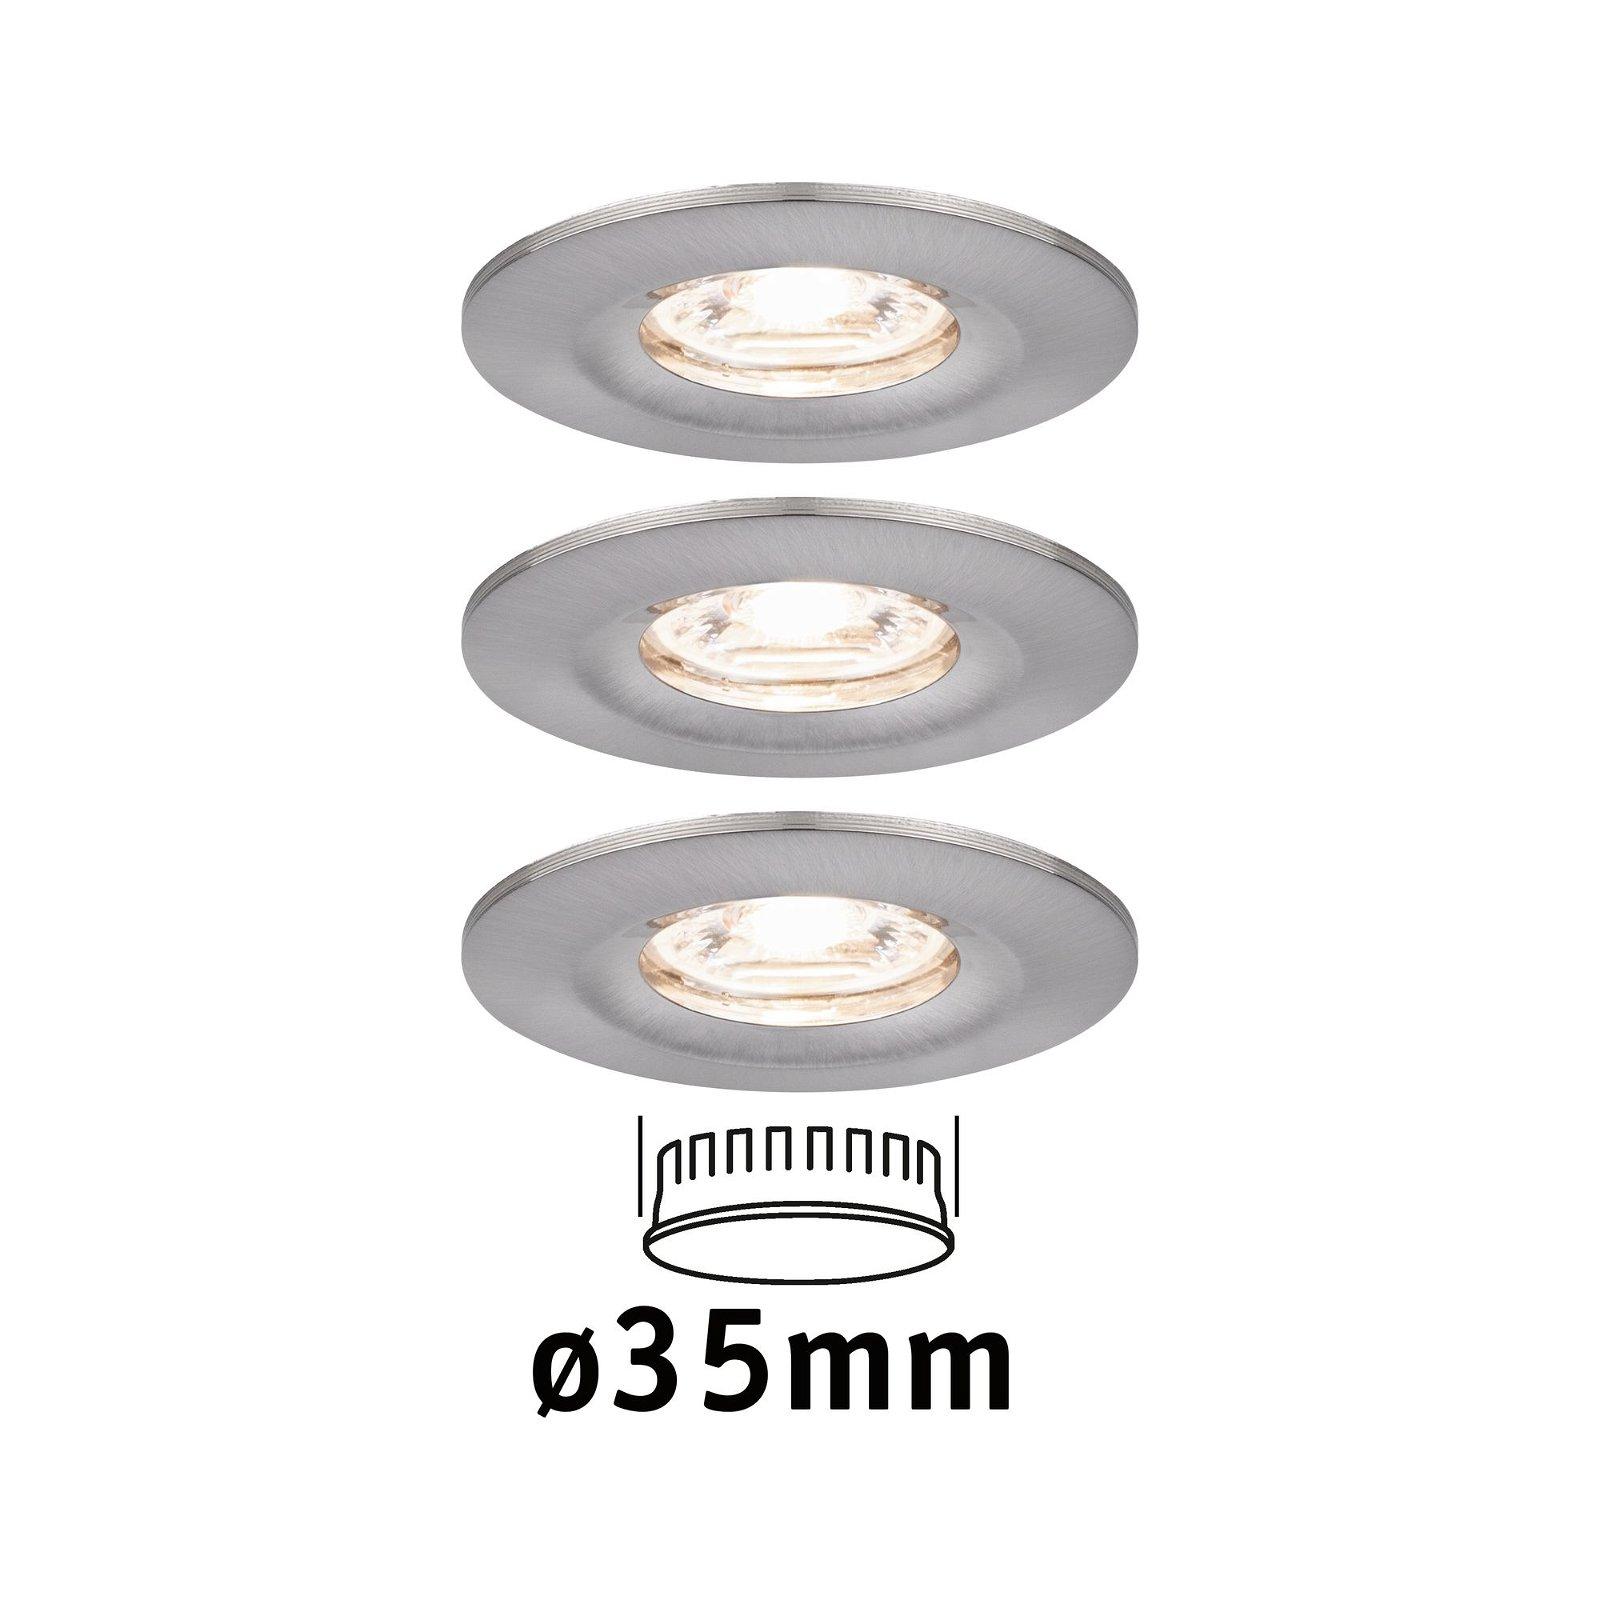 LED Einbauleuchte Nova Mini Coin Basisset starr IP44 rund 65mm Coin 3x4W 3x310lm 230V 2700K Eisen gebürstet